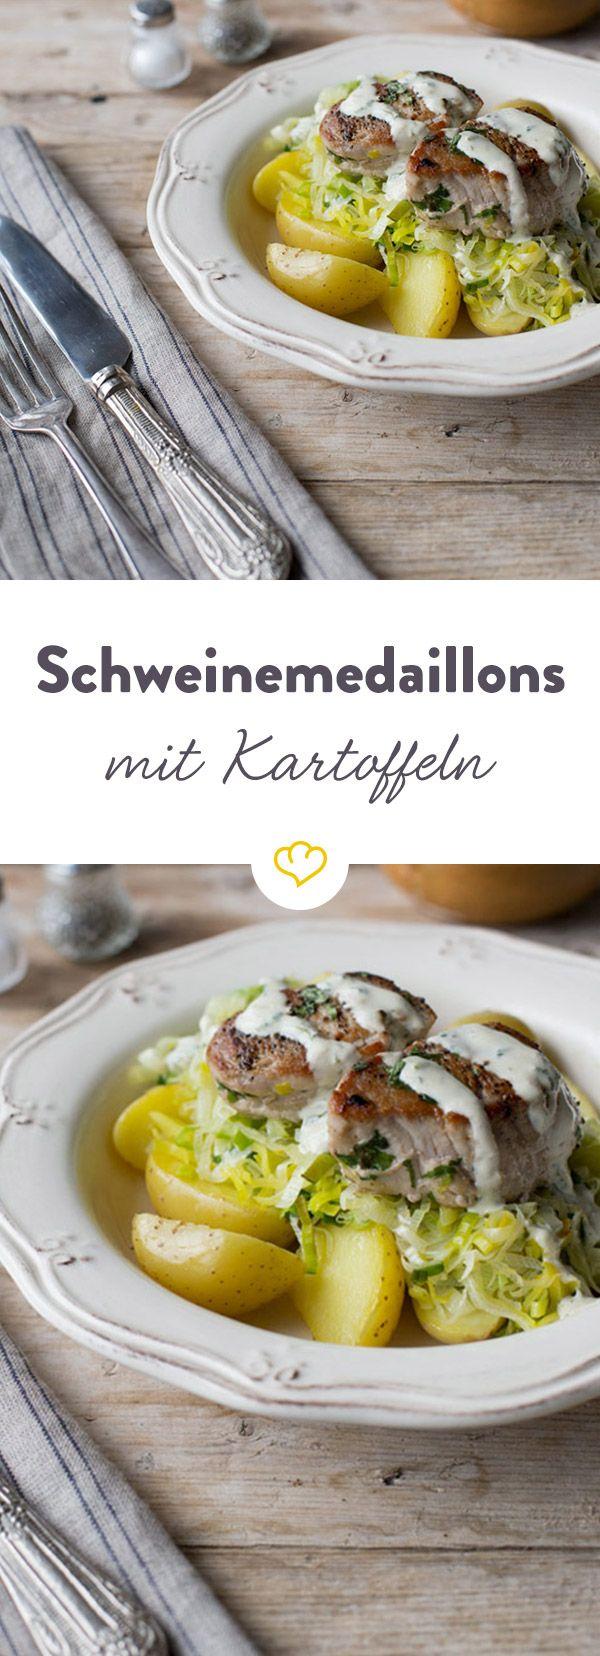 Zartes Schweinefleisch trifft rahmige Sauce und bettet sich auch Gemüse und feinen Salzkartoffeln - so lecker könnte dein Abendessen sein.